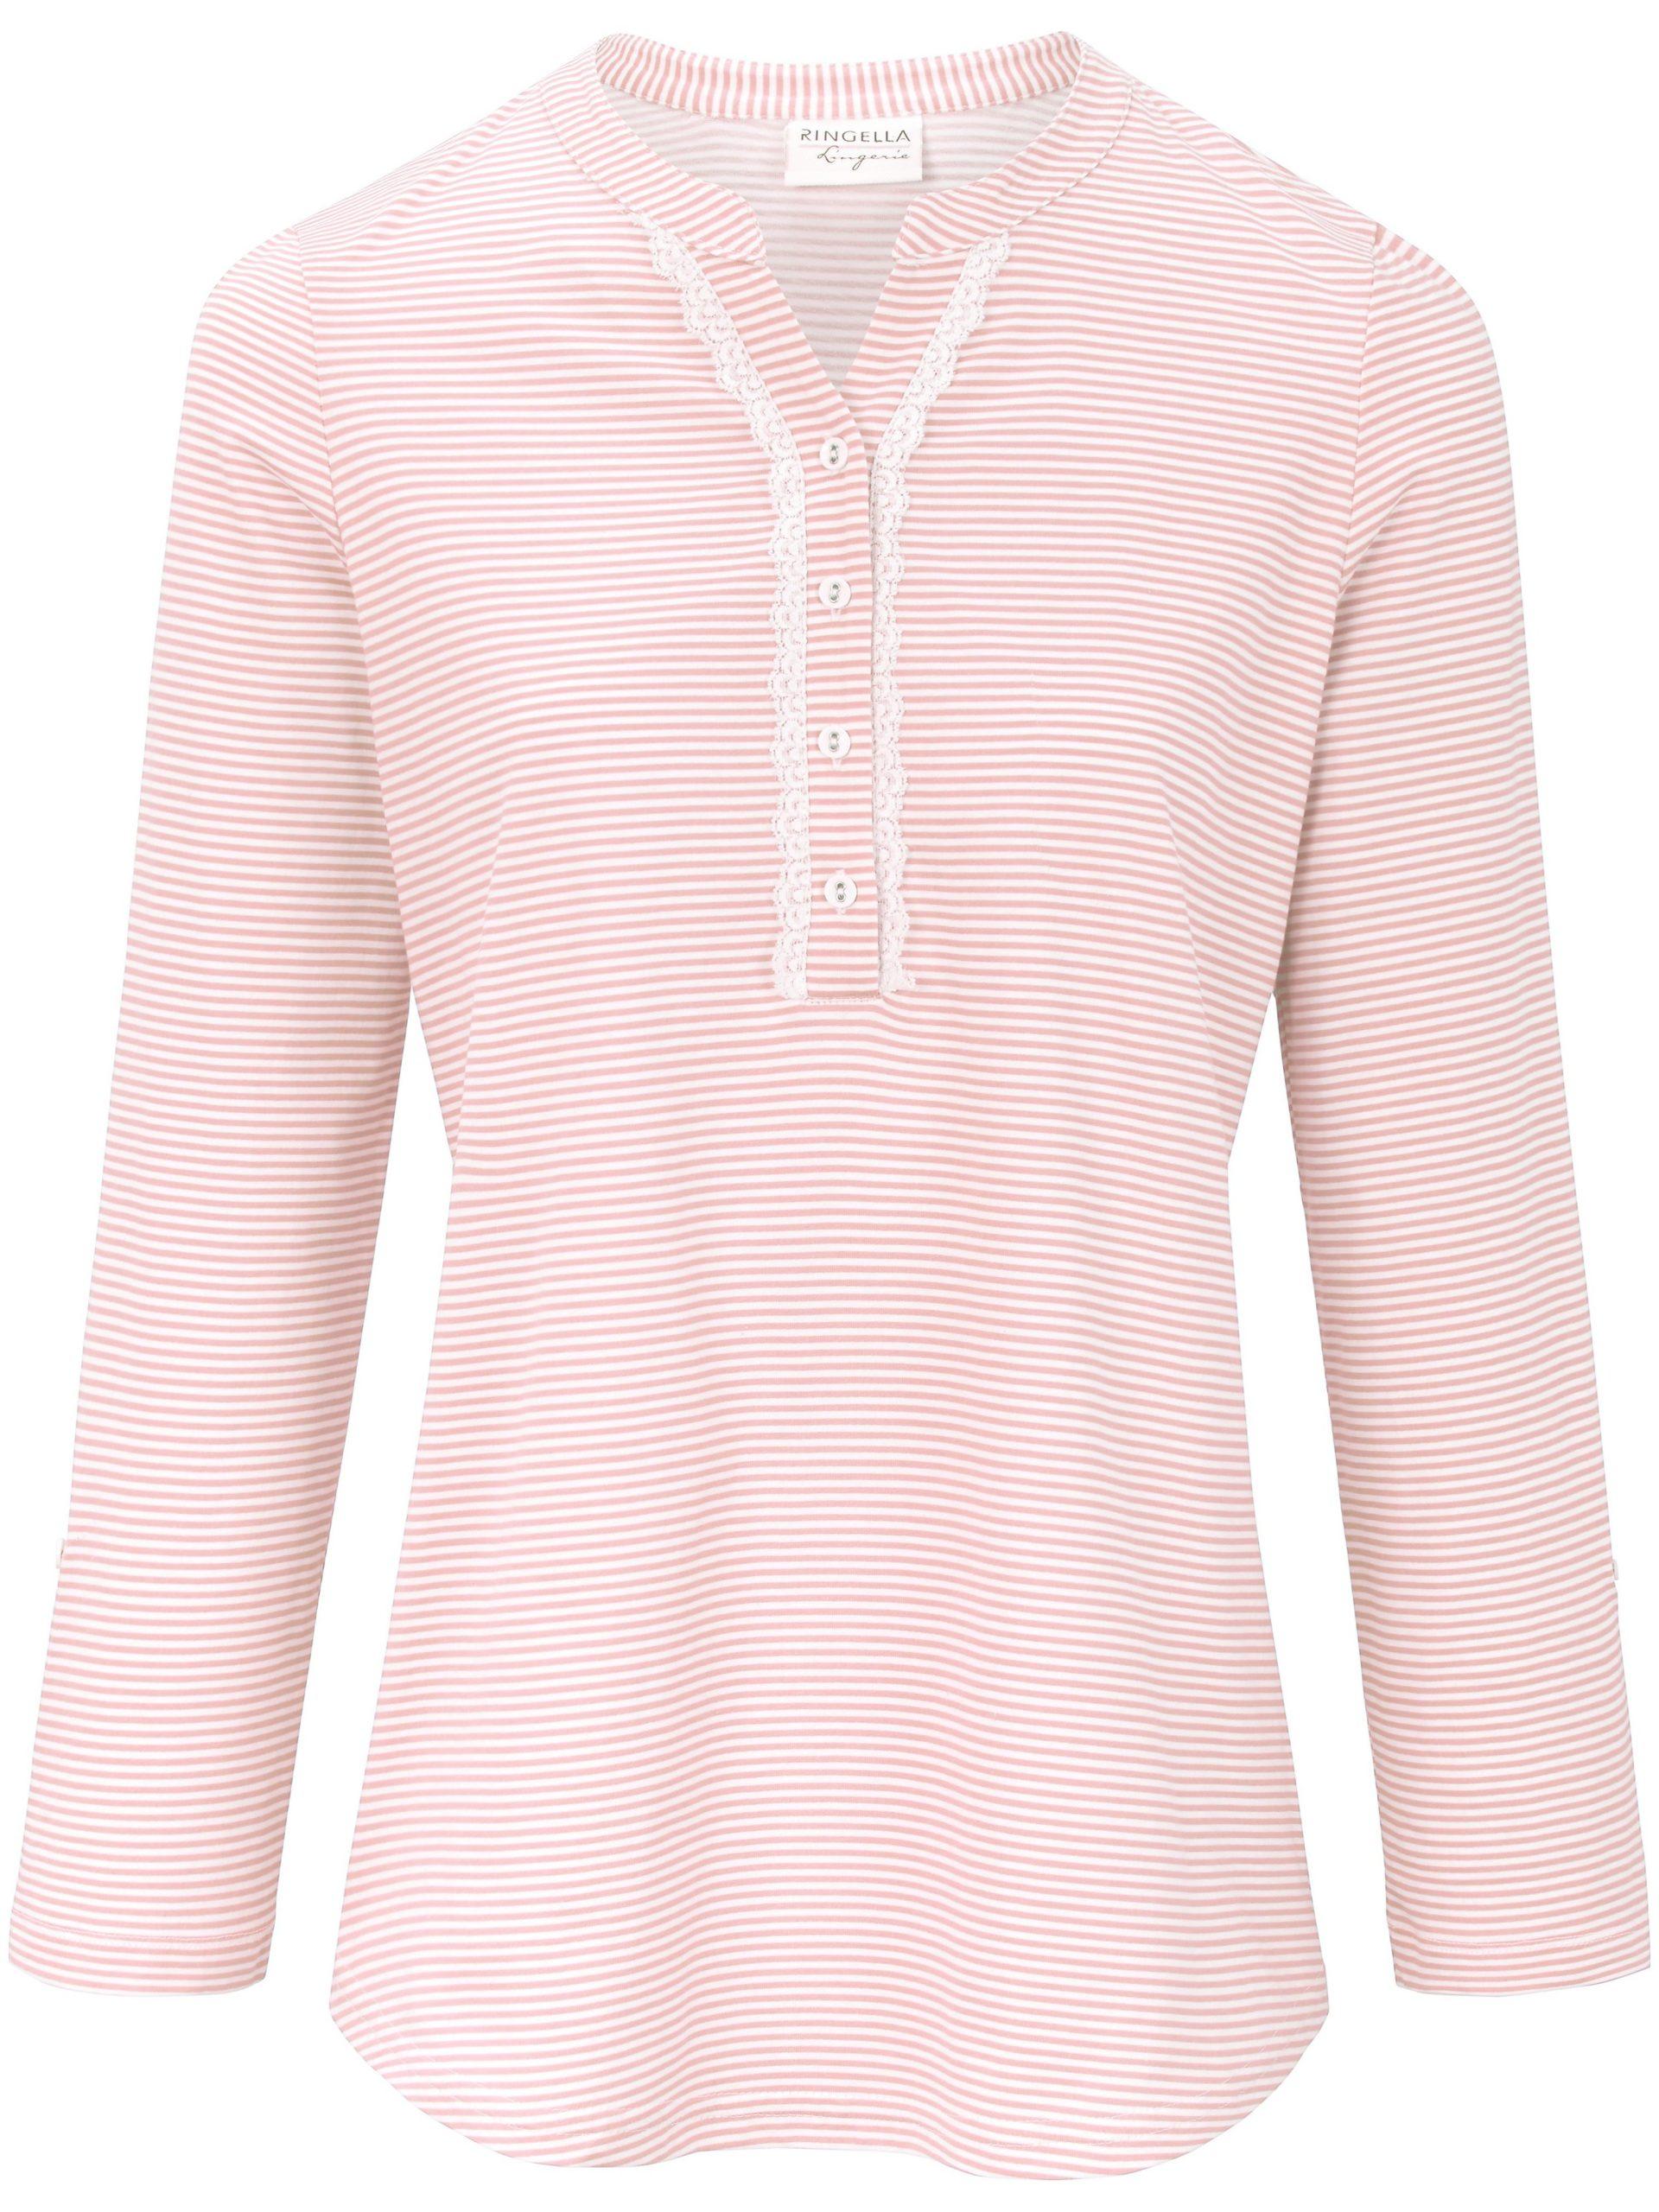 Pyjama van 100% katoen met lange mouwen Van Ringella lichtroze Kopen